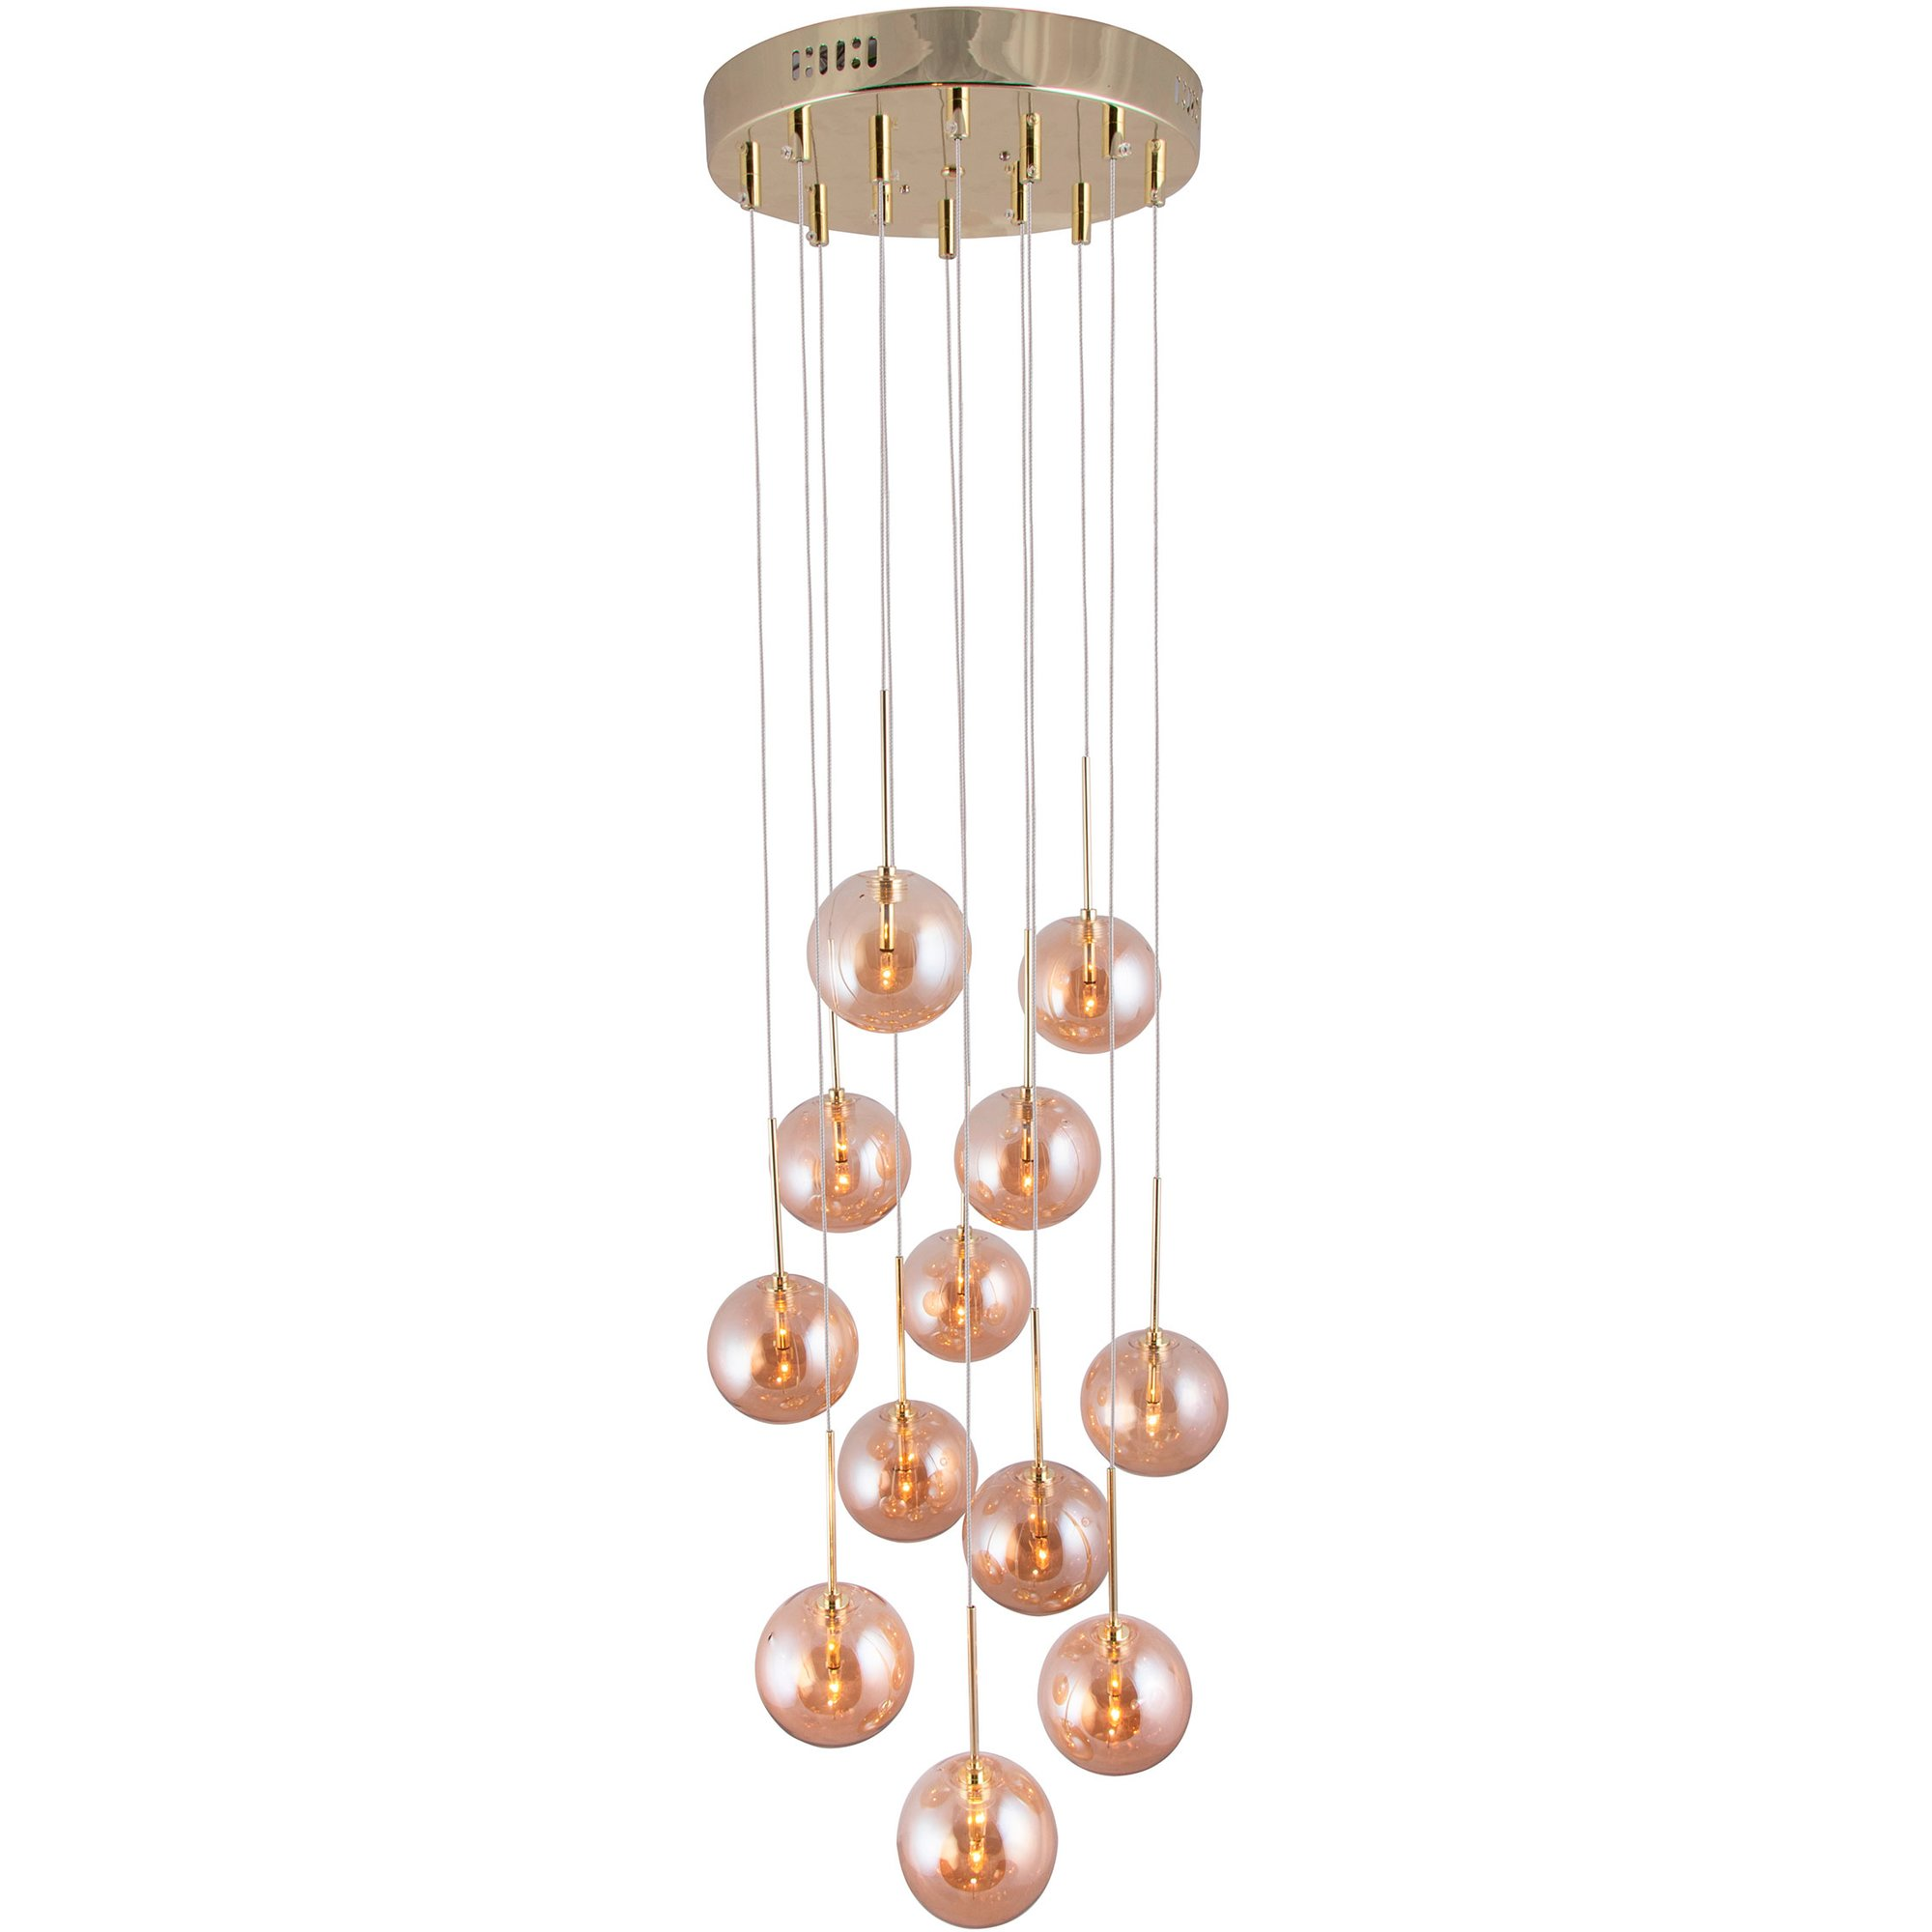 Globen Lighting Skyfall Pendel amber